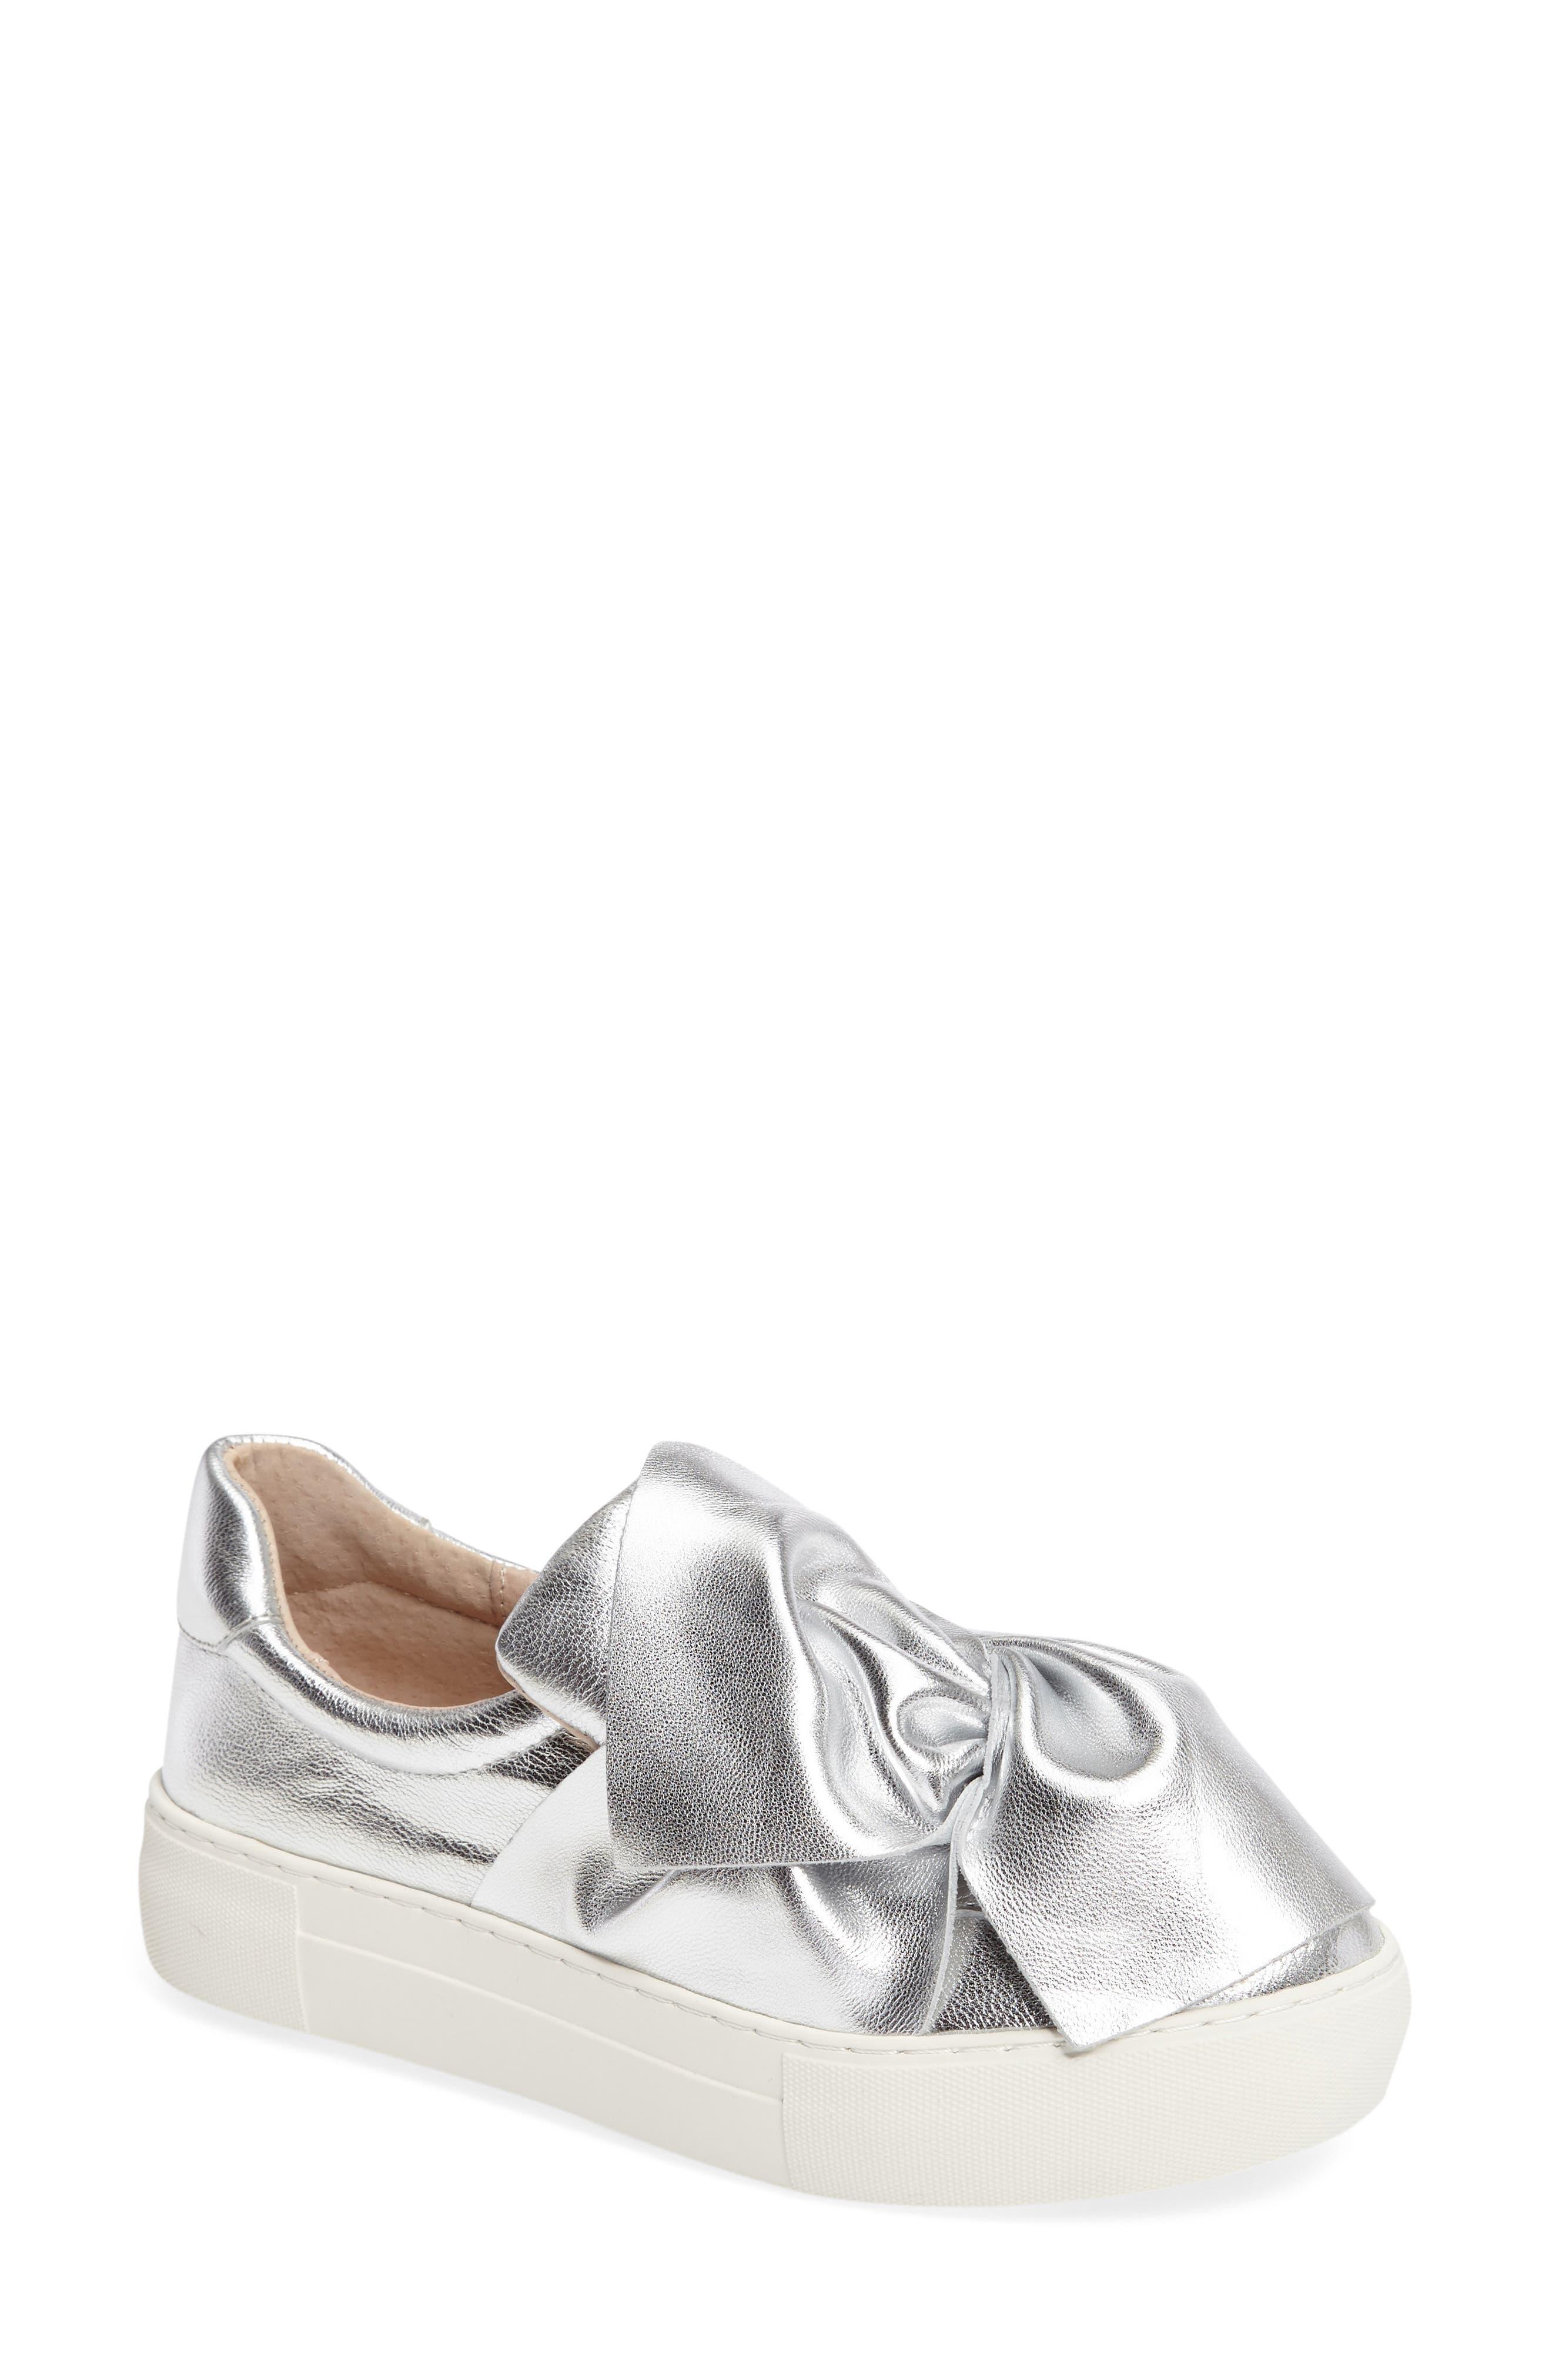 JSLIDES 'Annabelle' Platform Sneaker